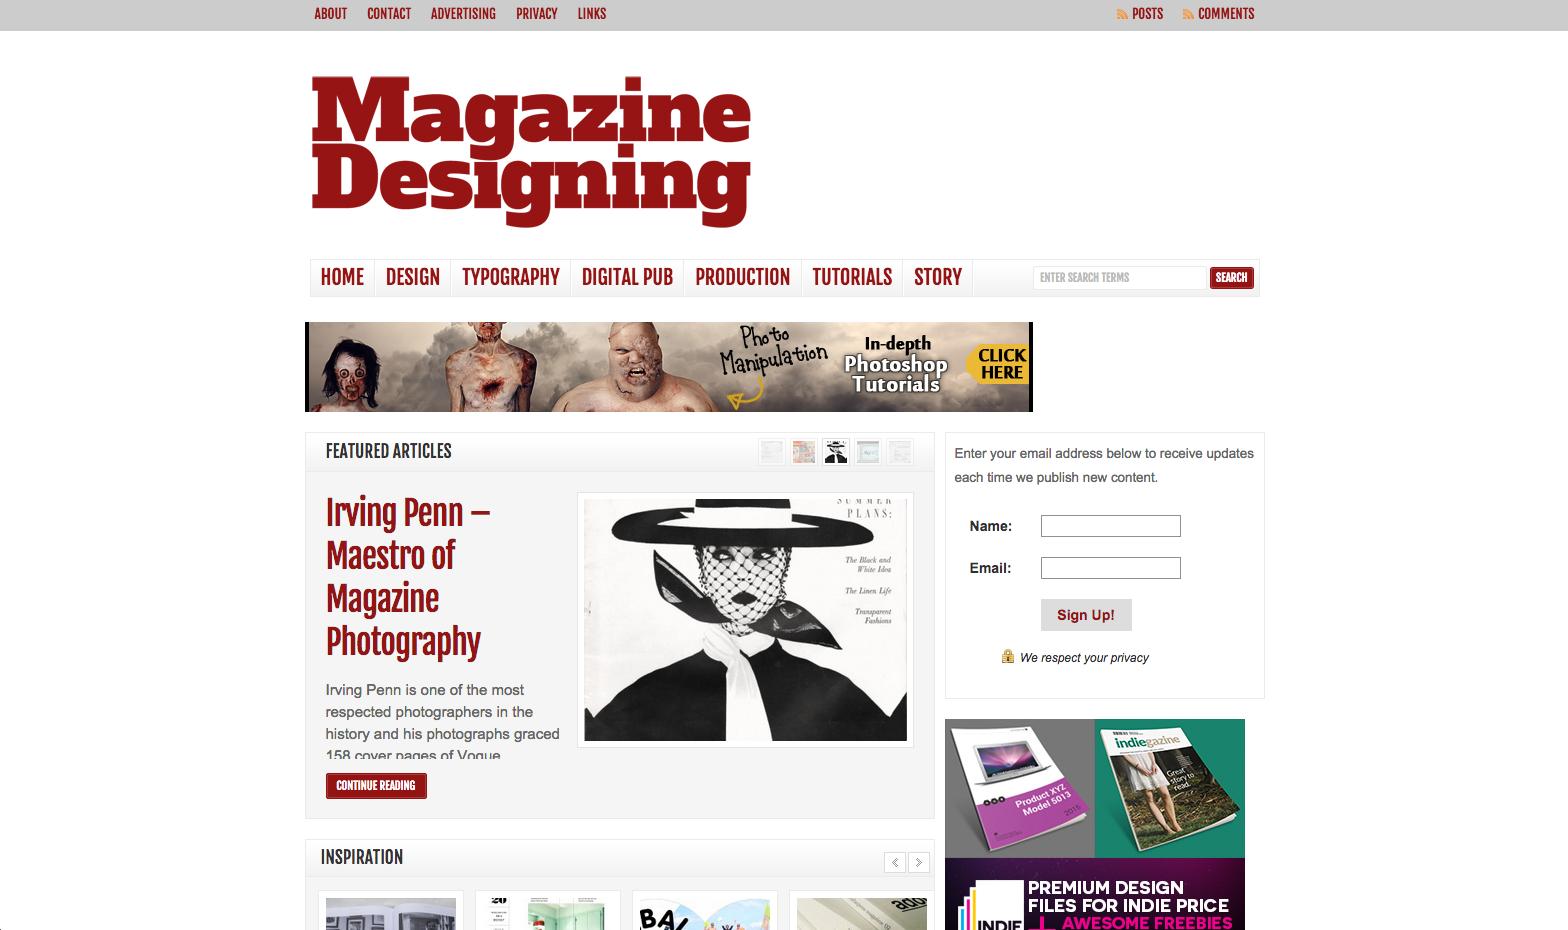 MagazineDesigning